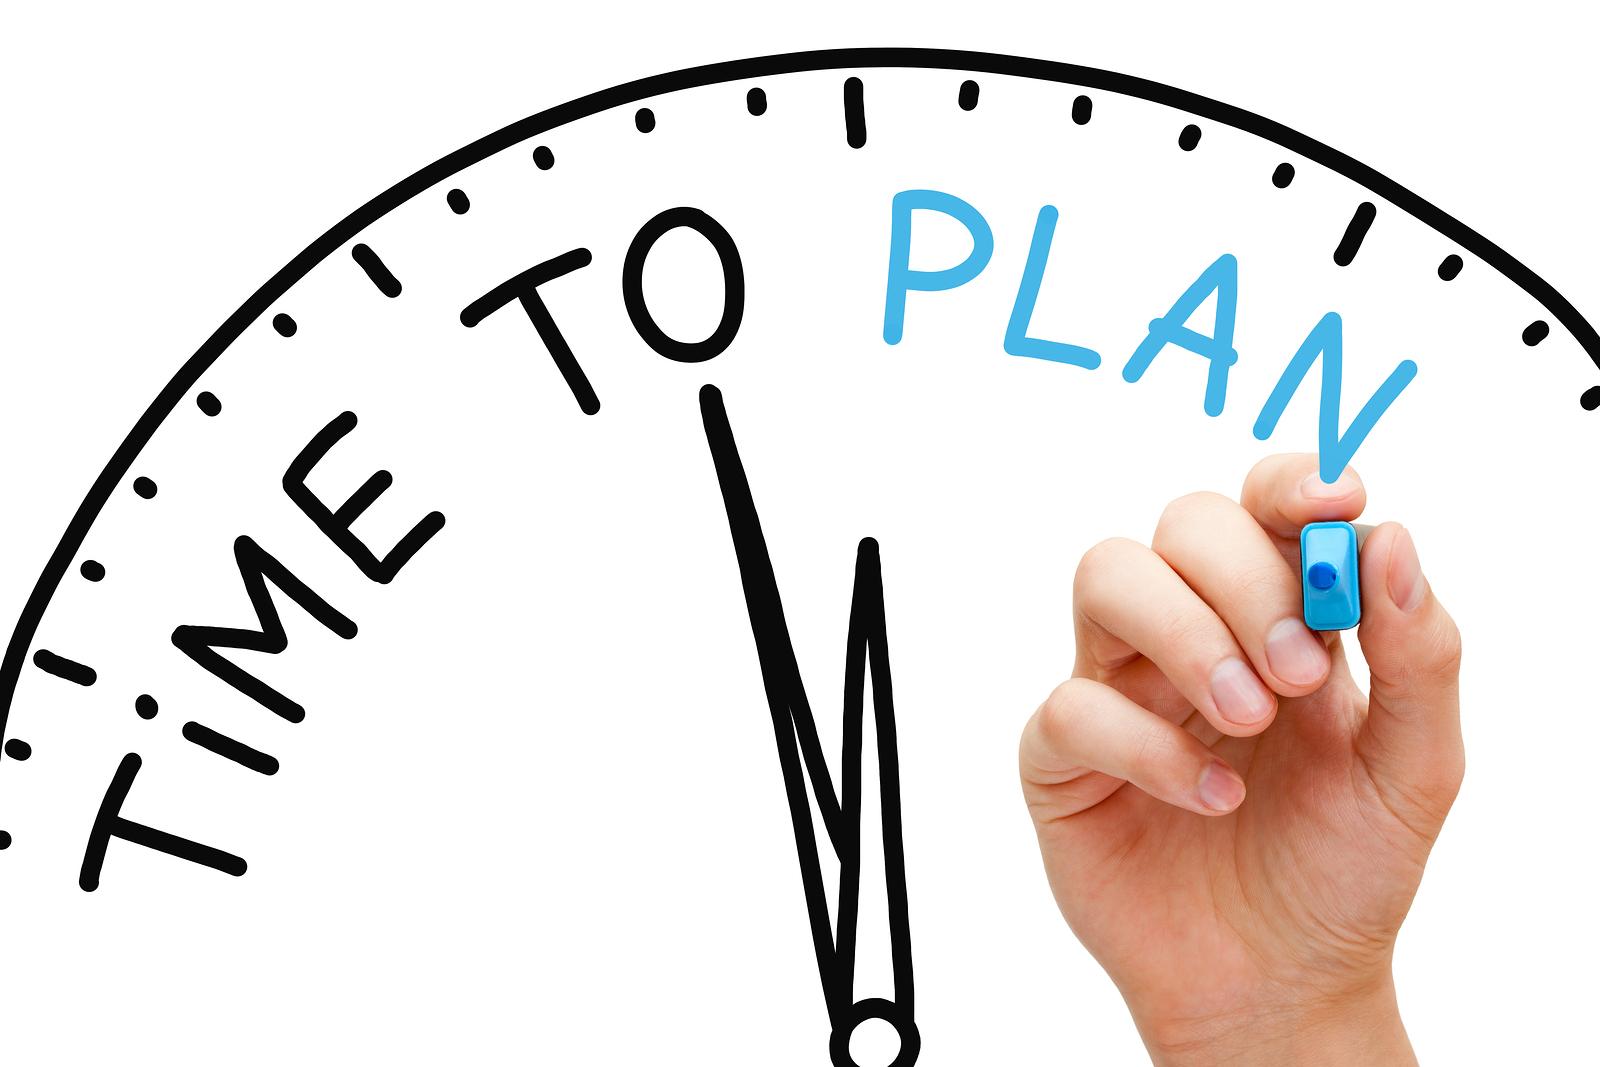 time-to-plan-derk-b-heiner-funeral-planning-advisors-time-to-plan-funeral-planning-idaho-funeral-planning